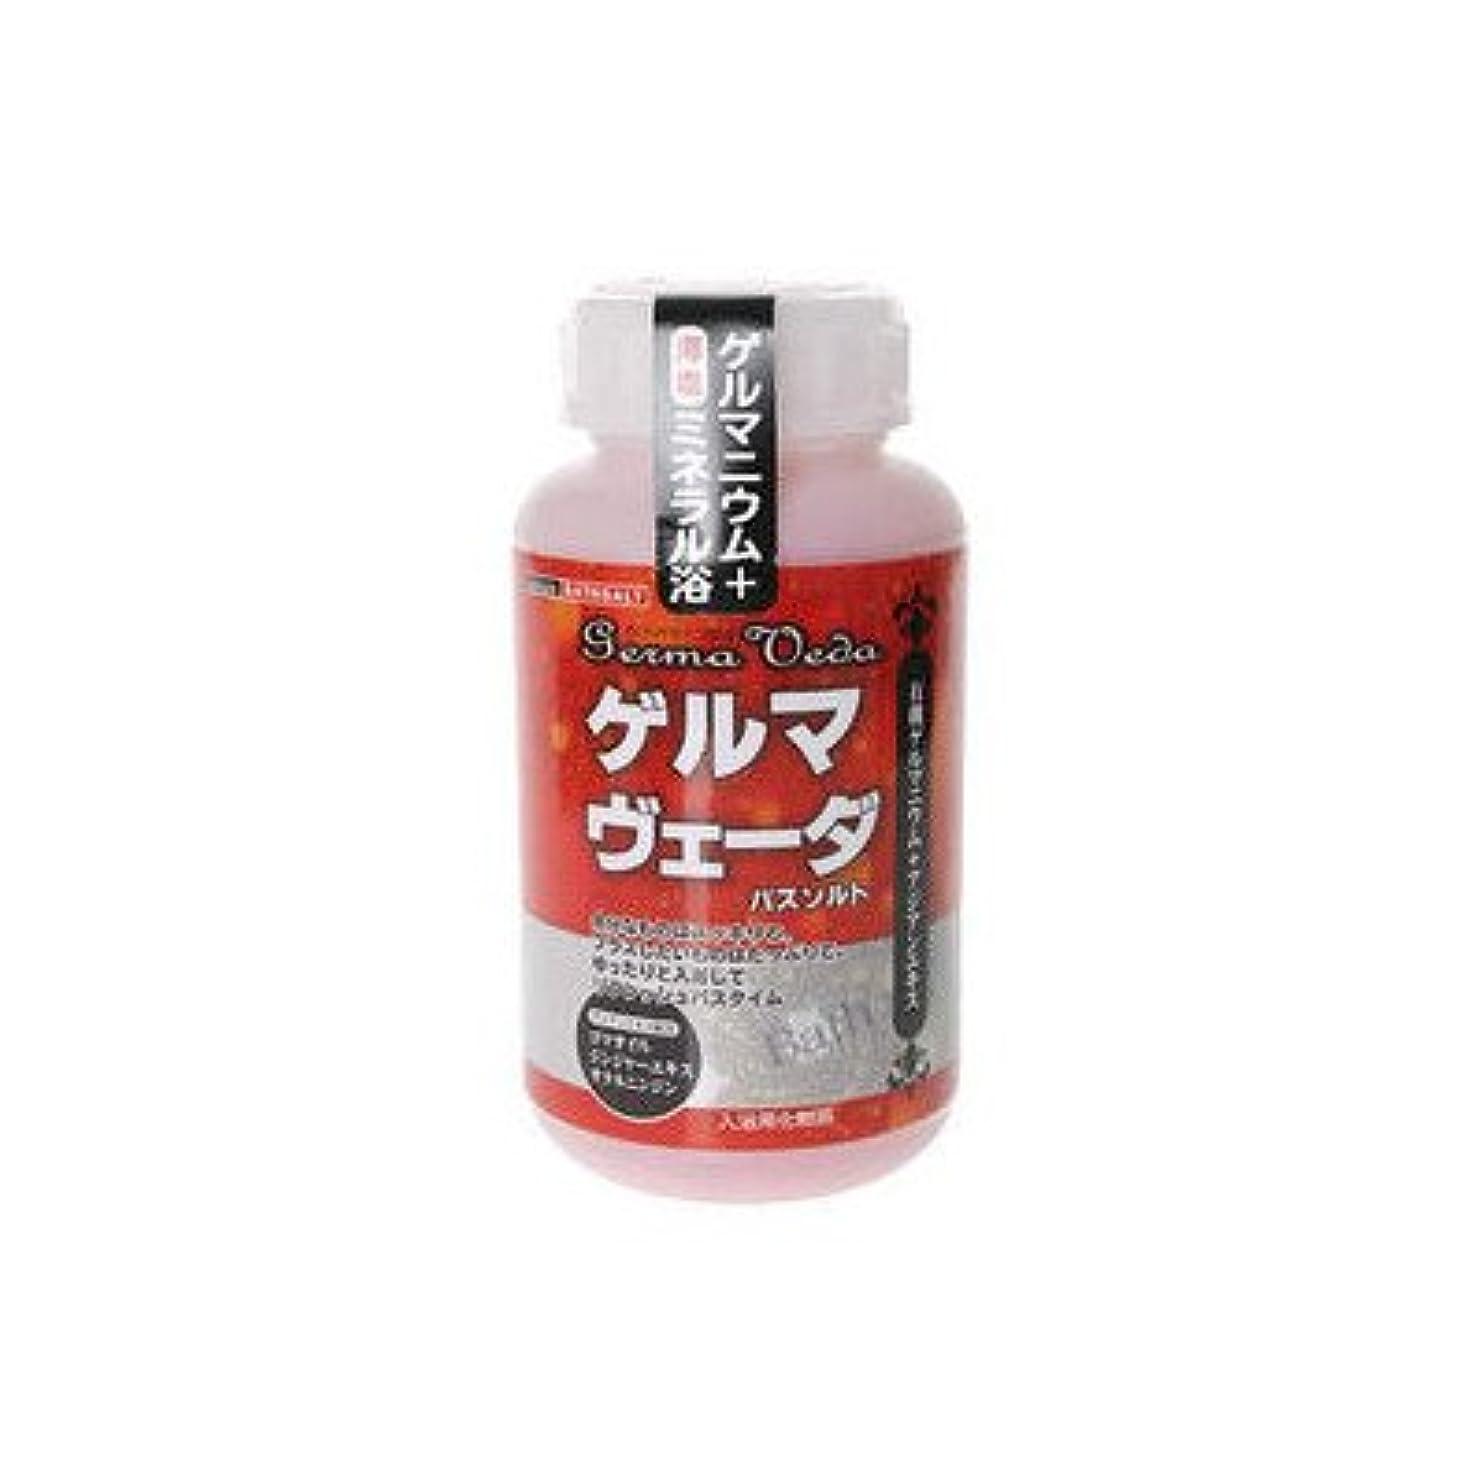 マート実行する突進ゲルマヴェーダ(ゲルマニウム温浴) ボトル(630g) 6本